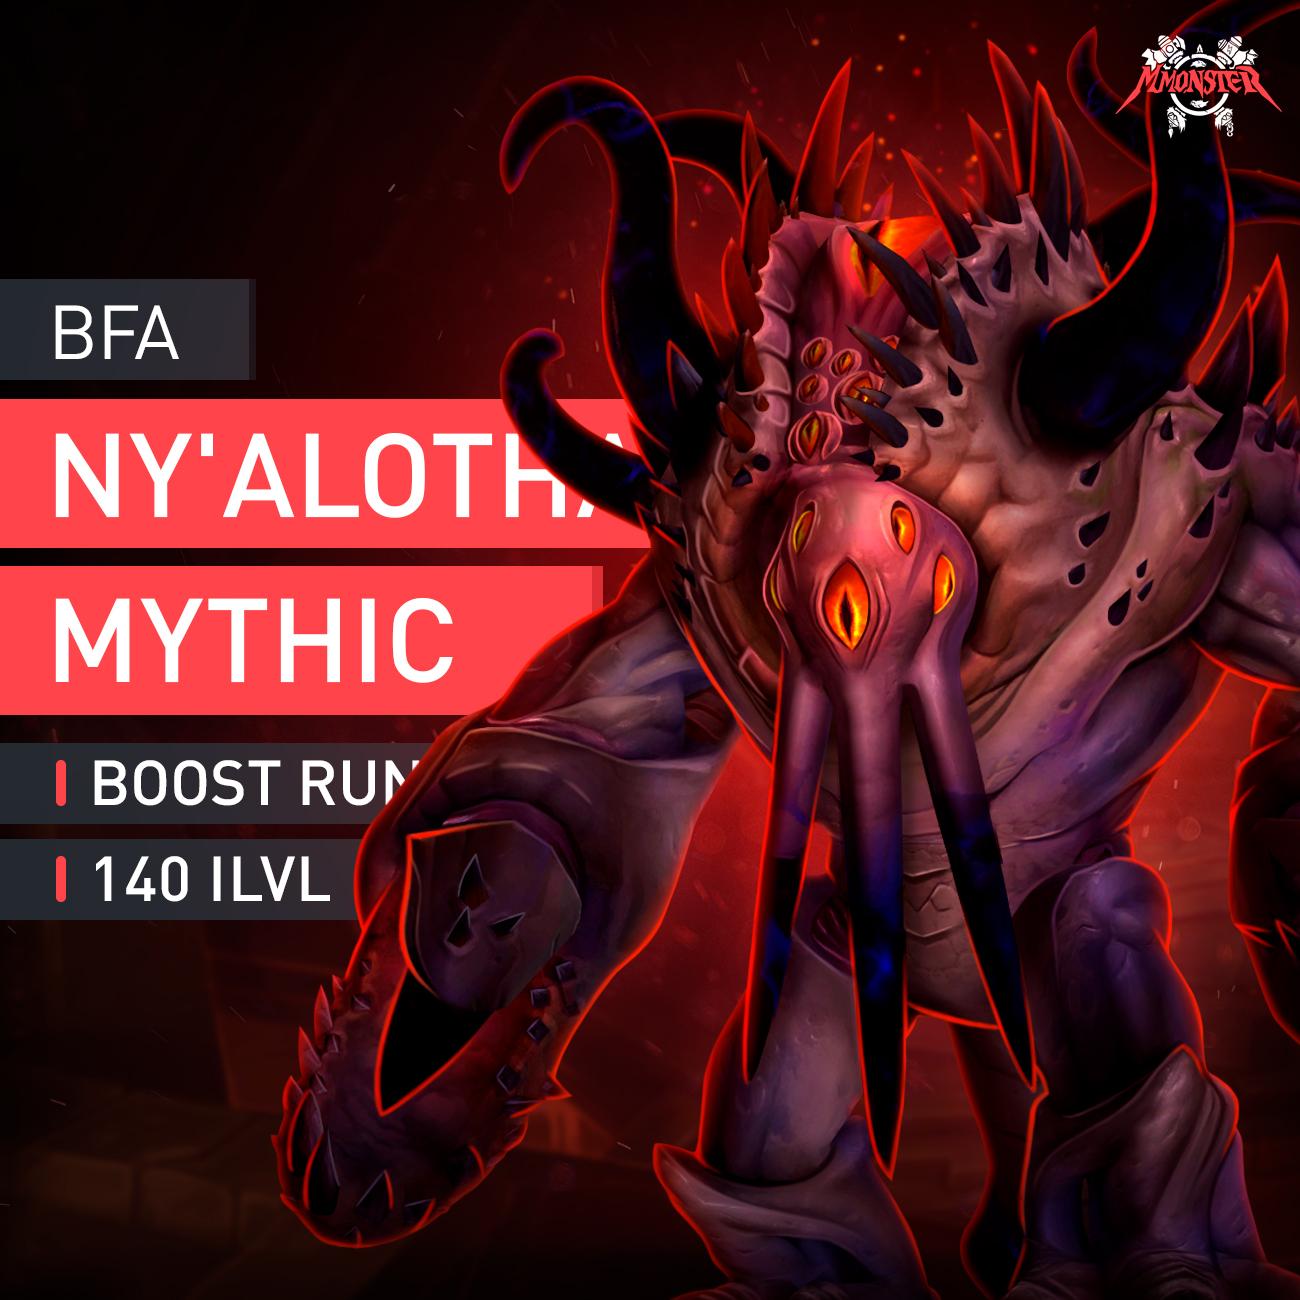 Ny'alotha Mythic 2 Last Bosses Kill Boost